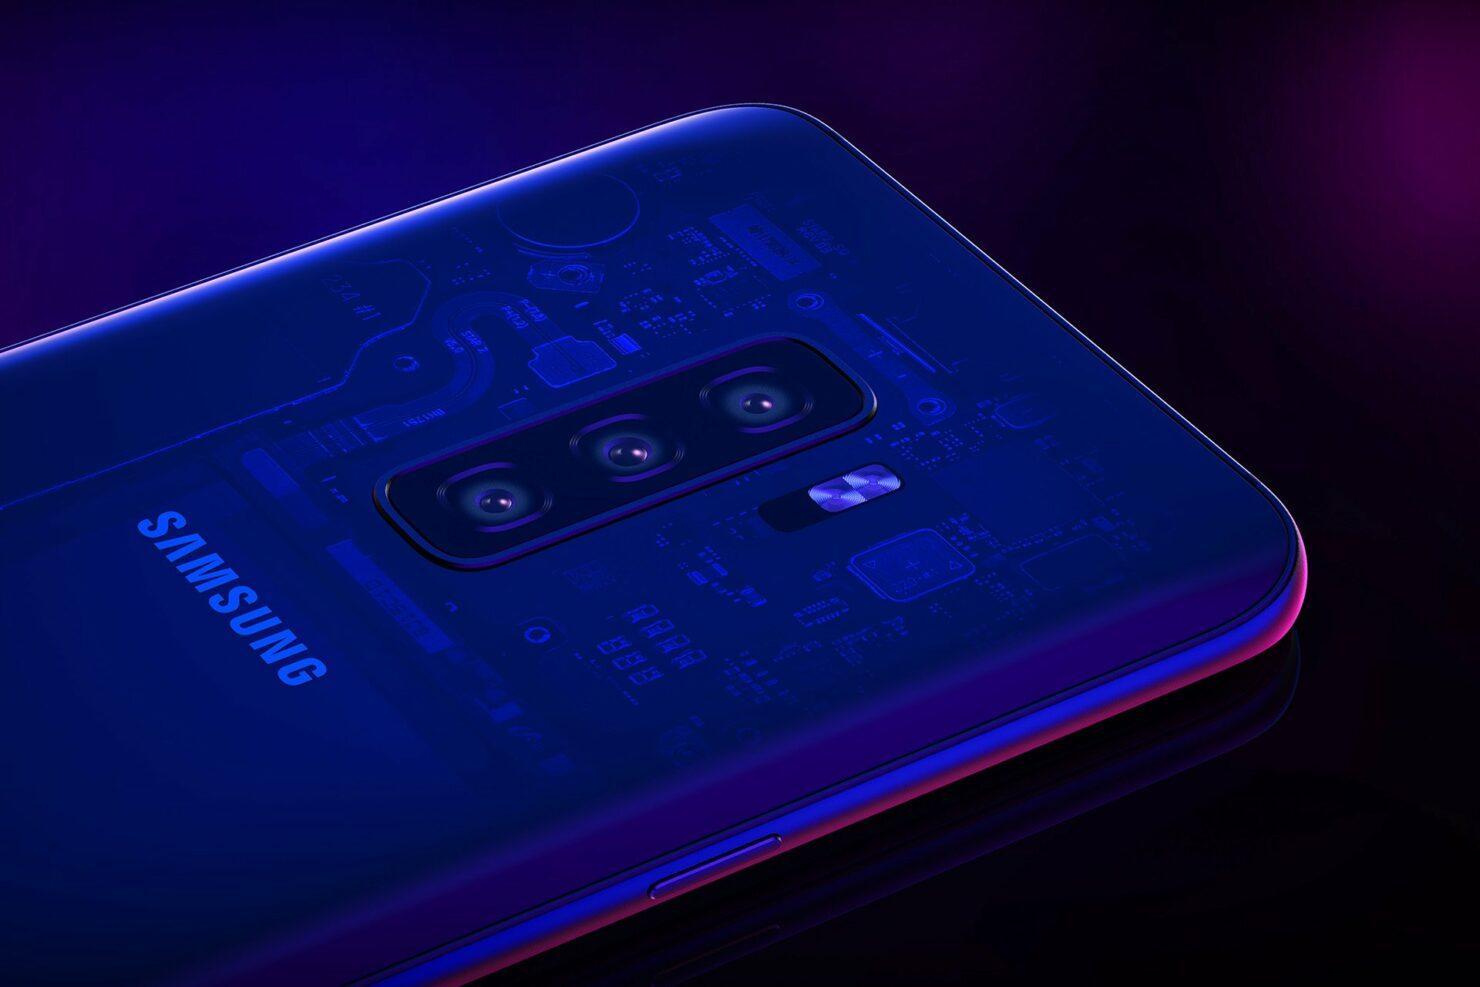 Samsung Galaxy S10 all models in display fingerprint reader